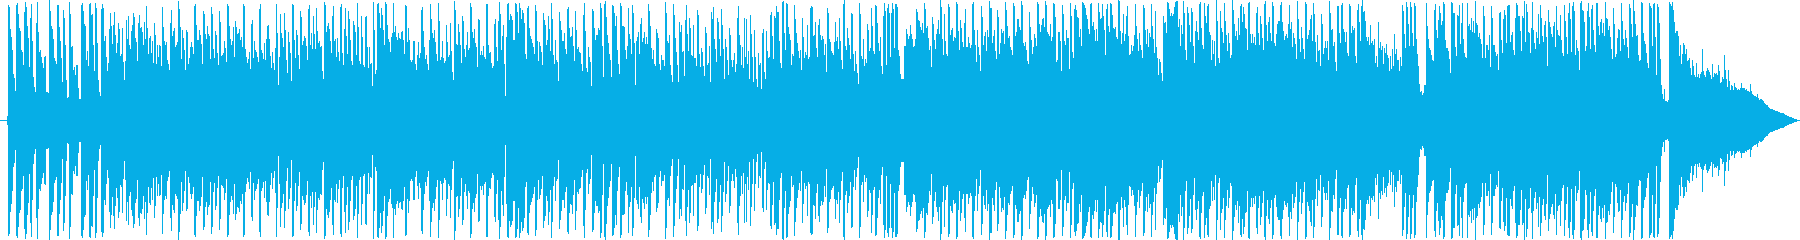 バイオリンをフィーチャーしたハウス曲の再生済みの波形